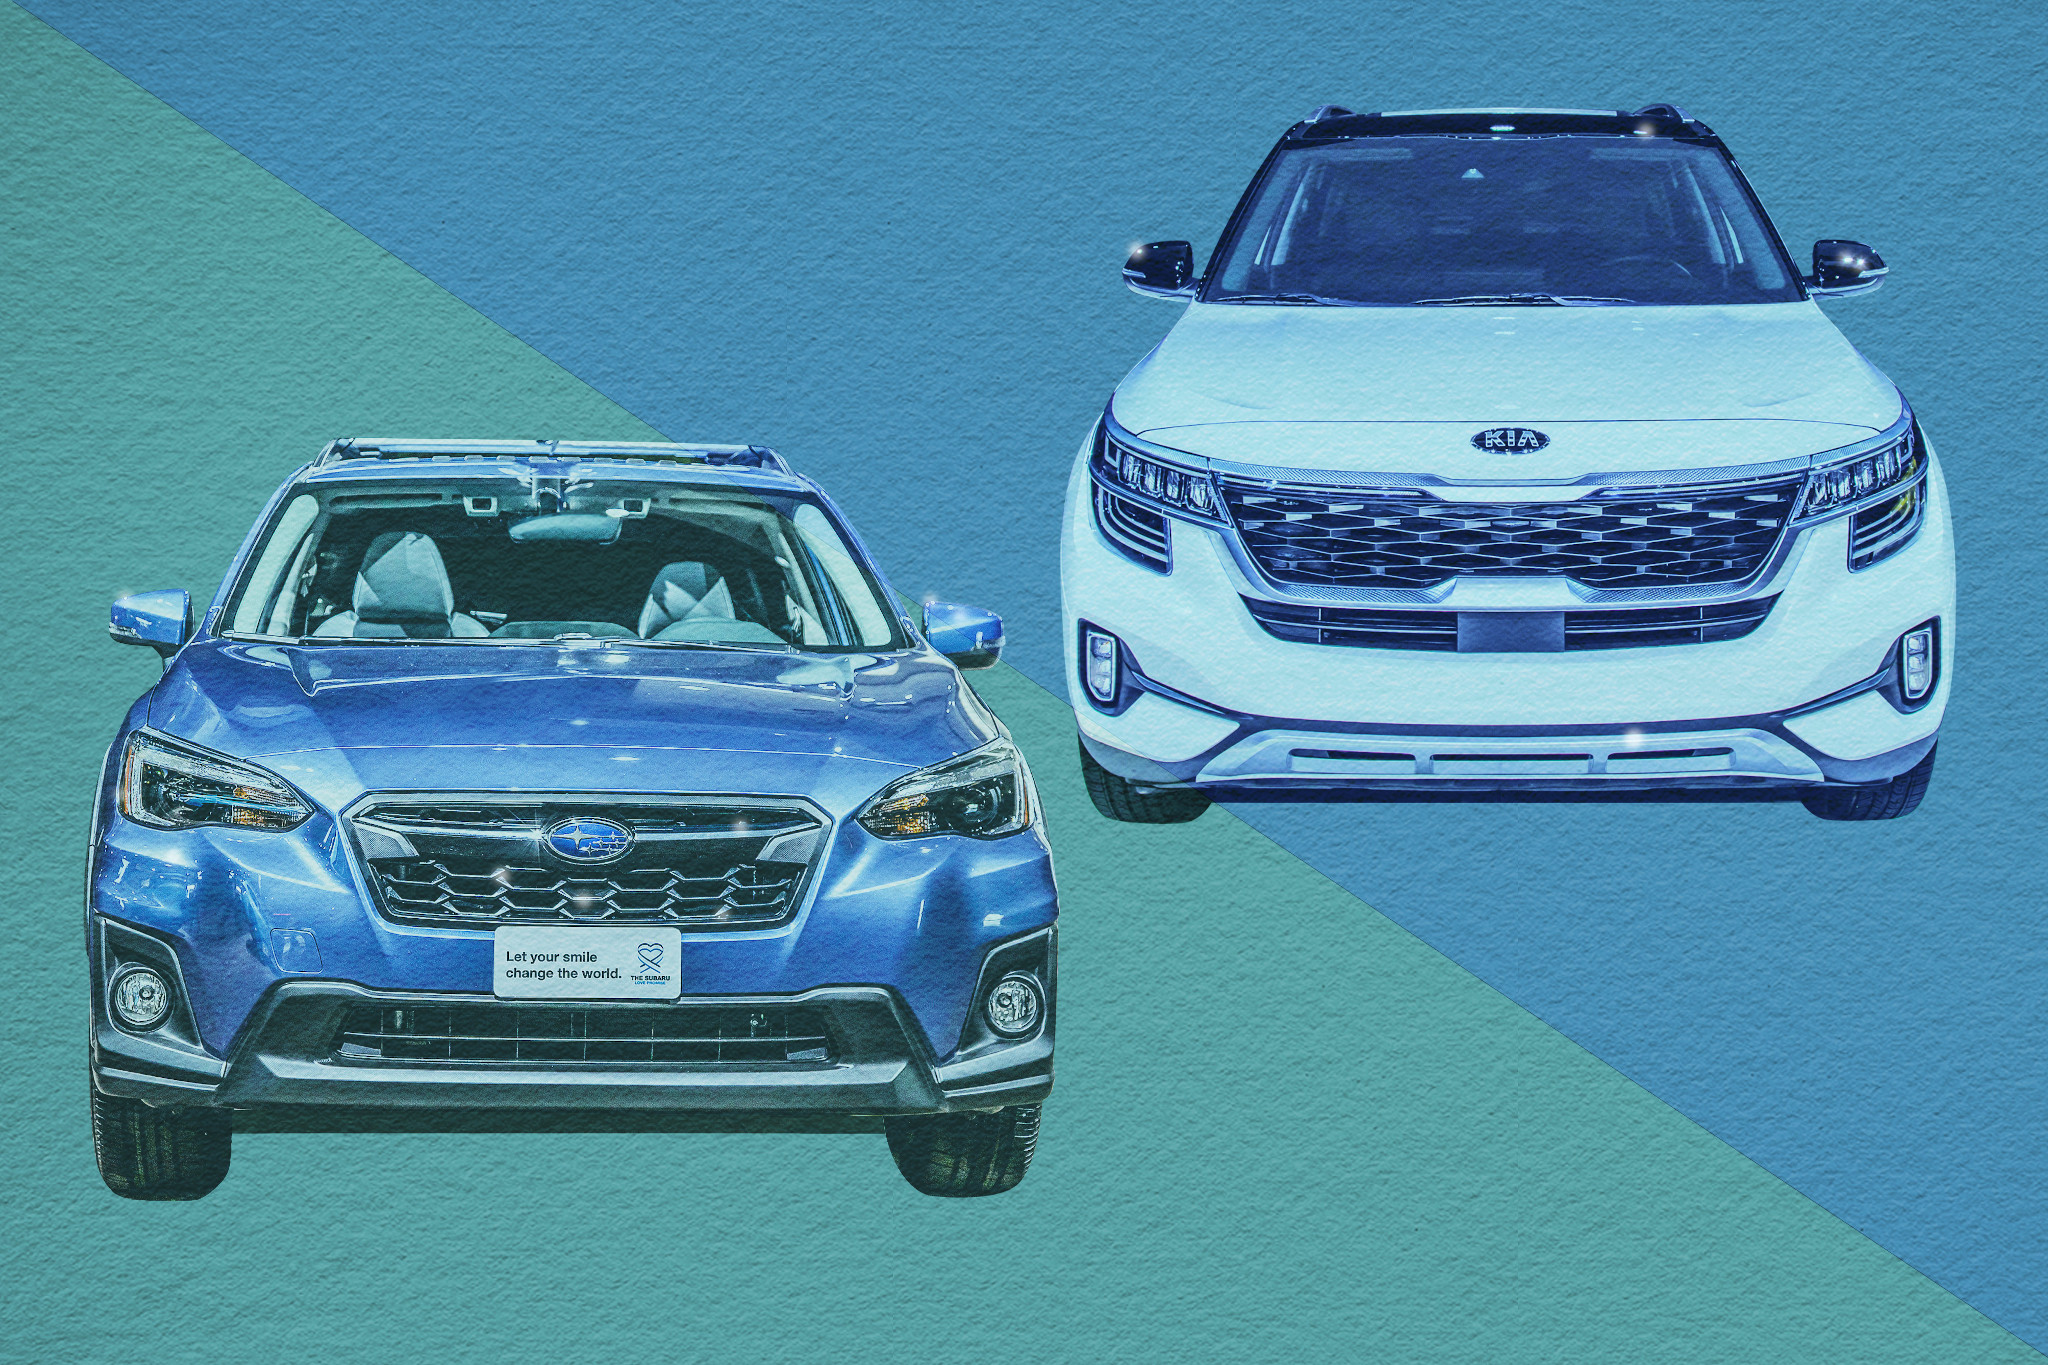 Auto Show Face-Off: 2021 Kia Seltos Vs. 2020 Subaru Crosstrek